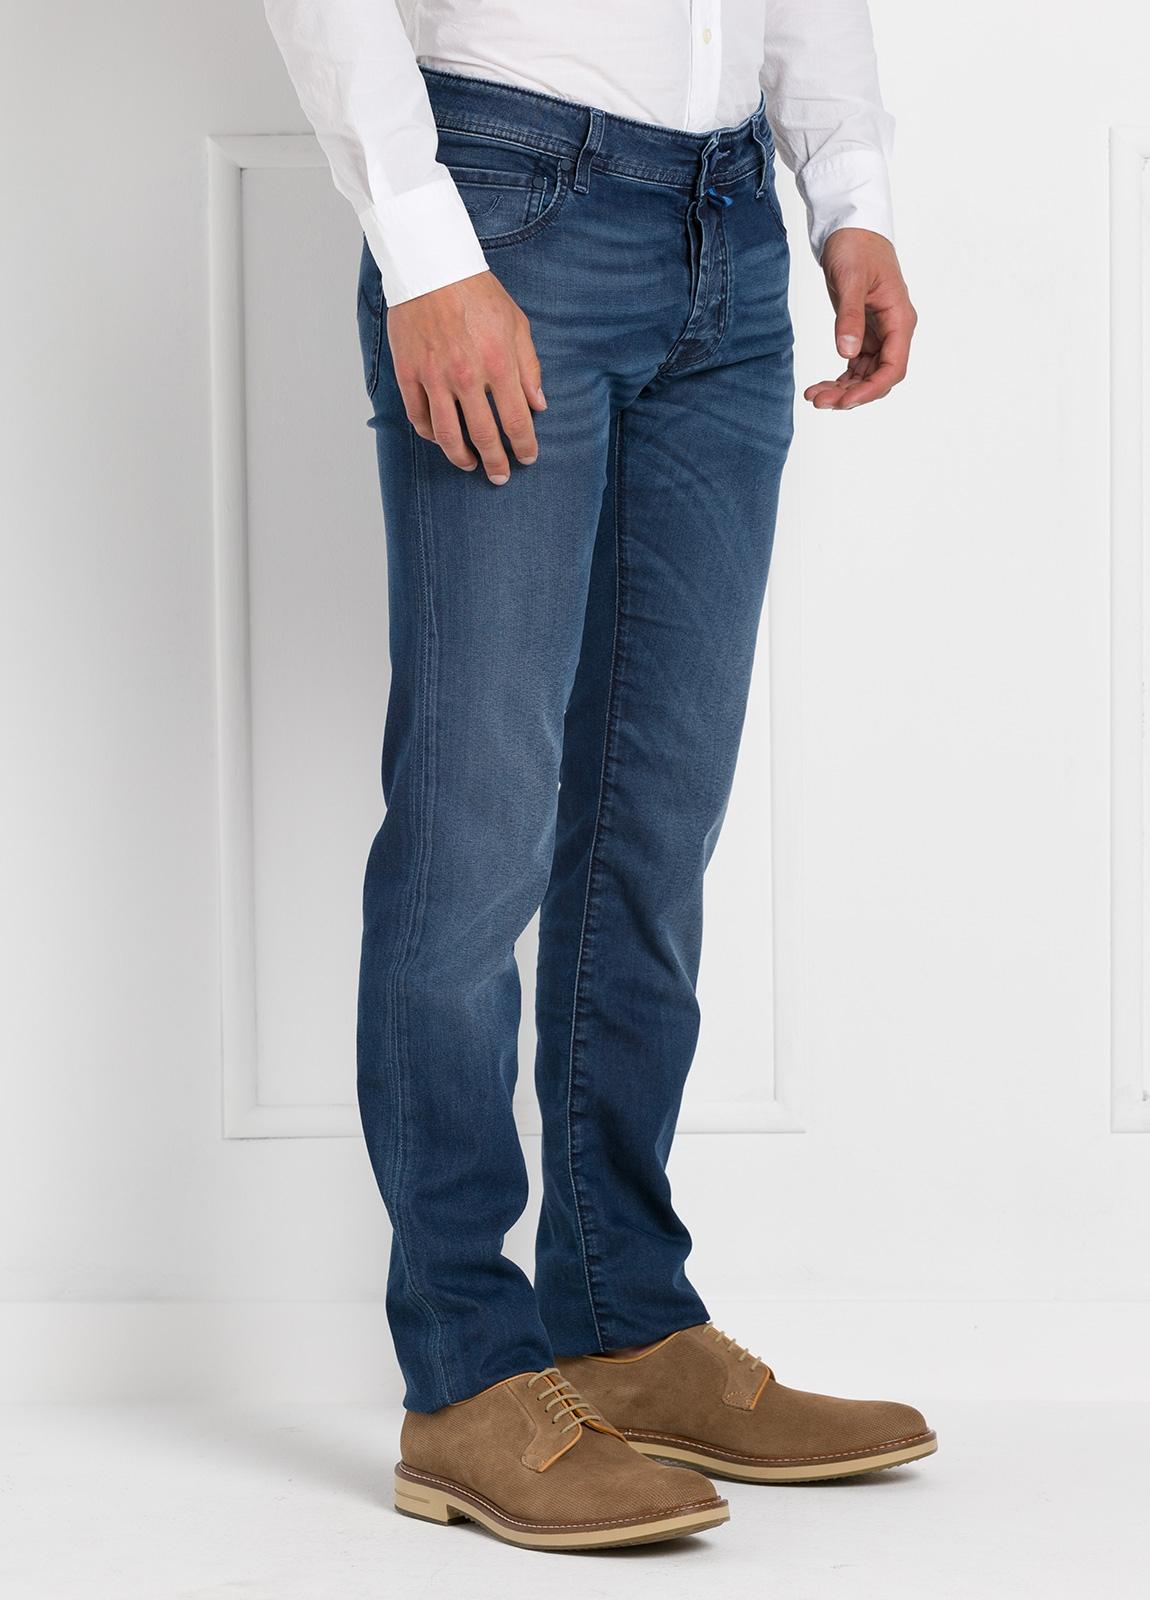 Tejano ligeramente slim fit modelo J622 color azul denim. 81% Algodón 16 Lino 3% Elastano. - Ítem3